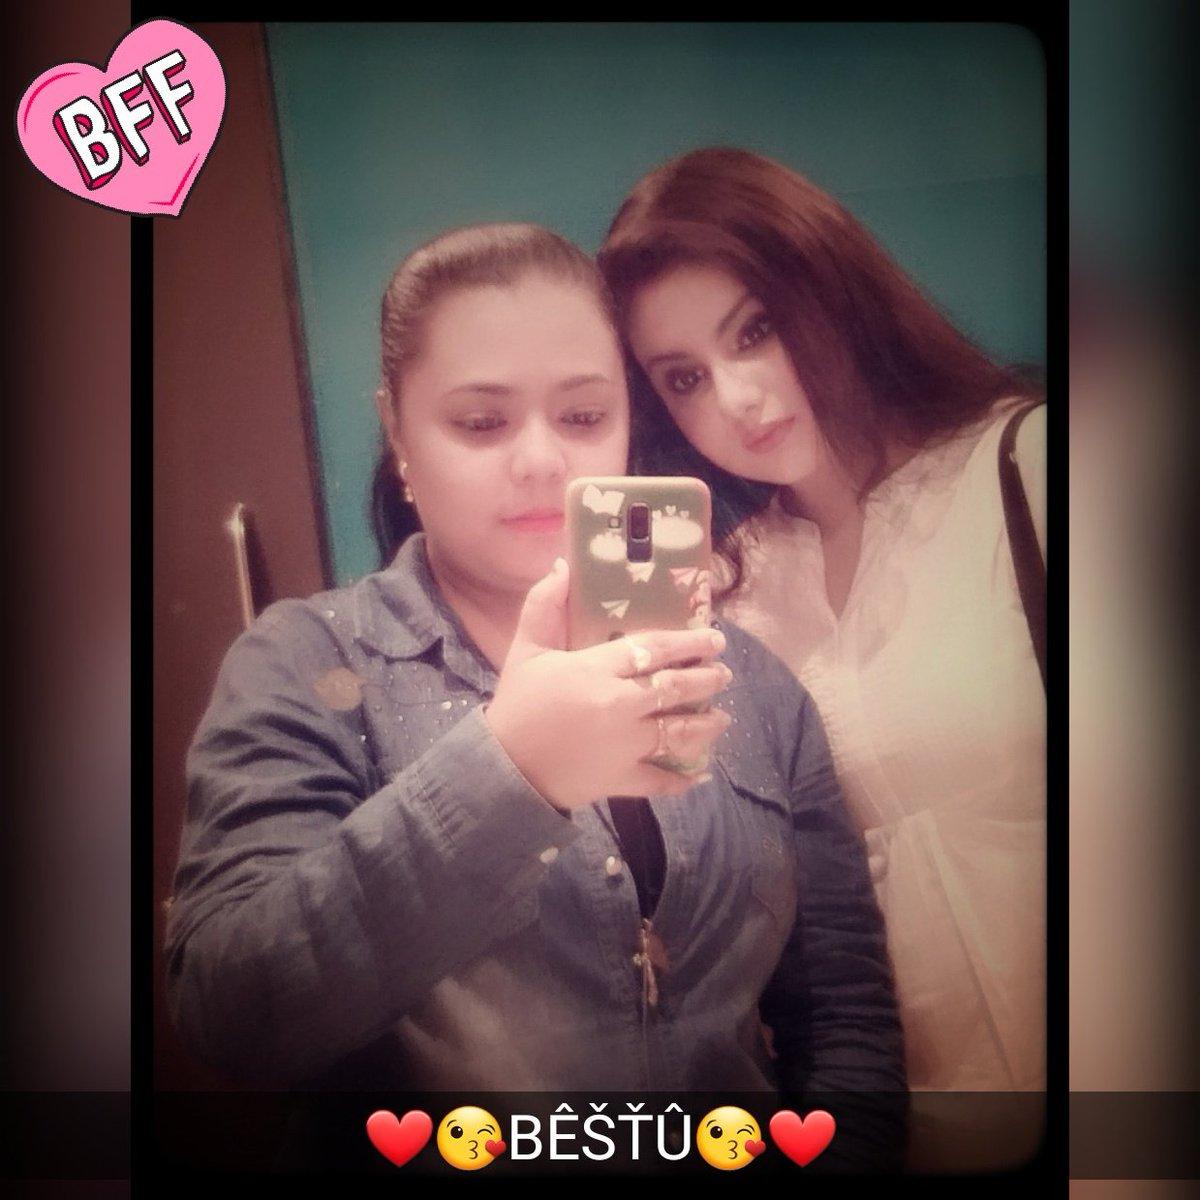 #BestFriend forever 😍😍😘😘